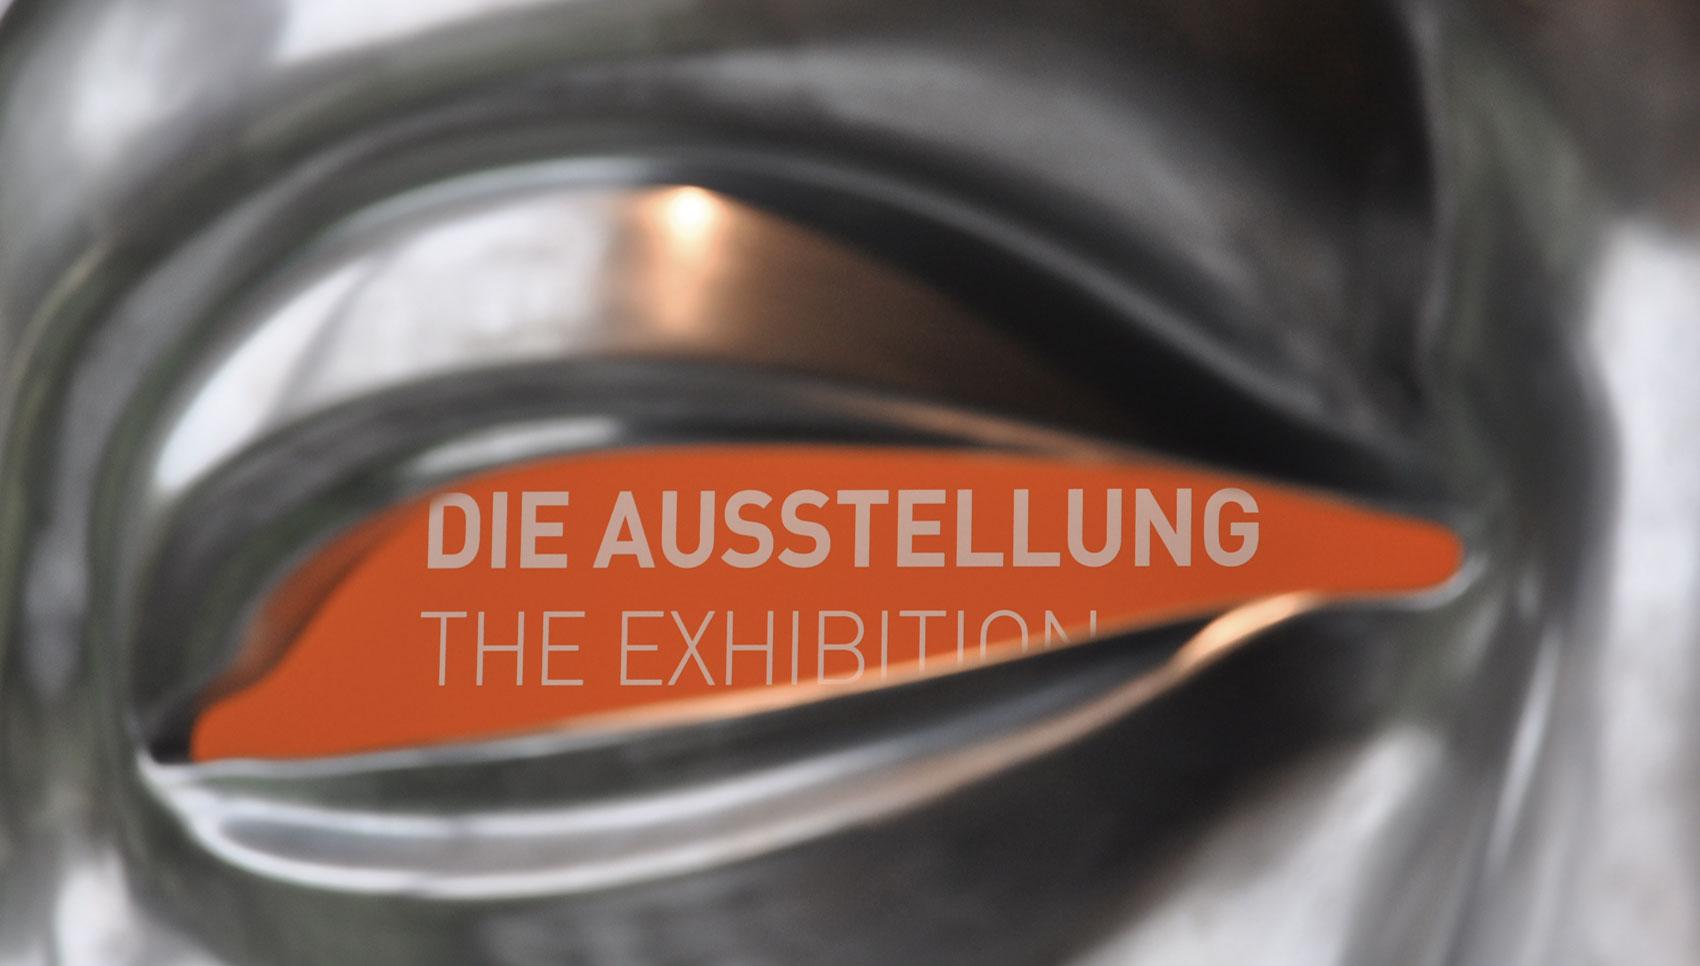 Varusschlacht Ausstellungsdesign der Dauerausstellung Museum und Park Kalkriese